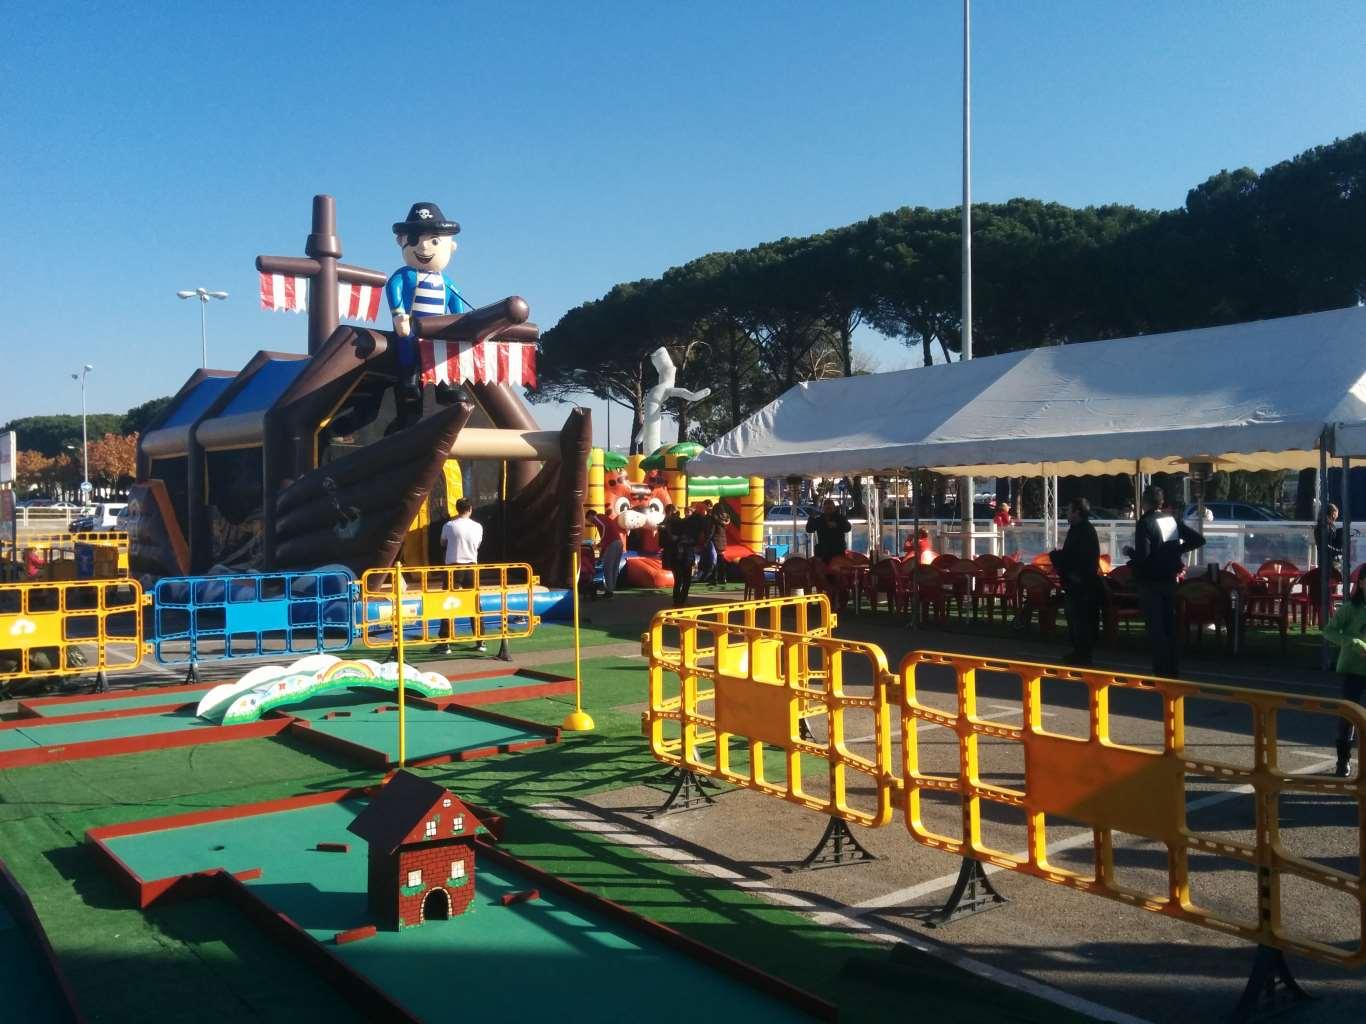 Parque navide o la dehesa con pista de patinaje dream for Parque mueble alcala la real